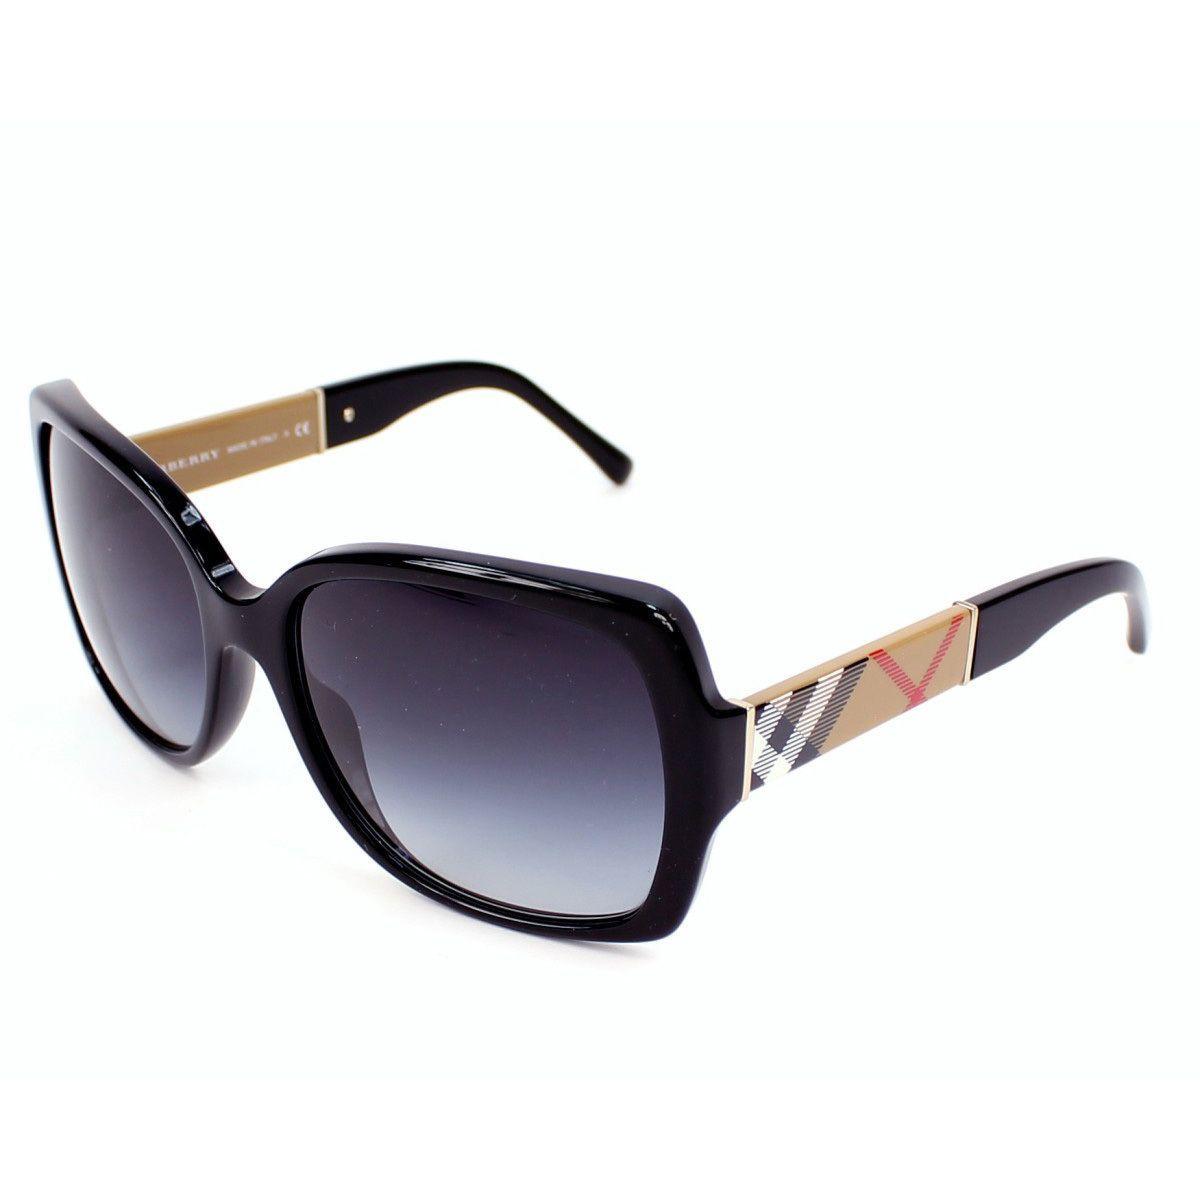 0e57e9ad49fb Burberry BE4160 Women s Square Sunglasses  189.99 www.overstock.com